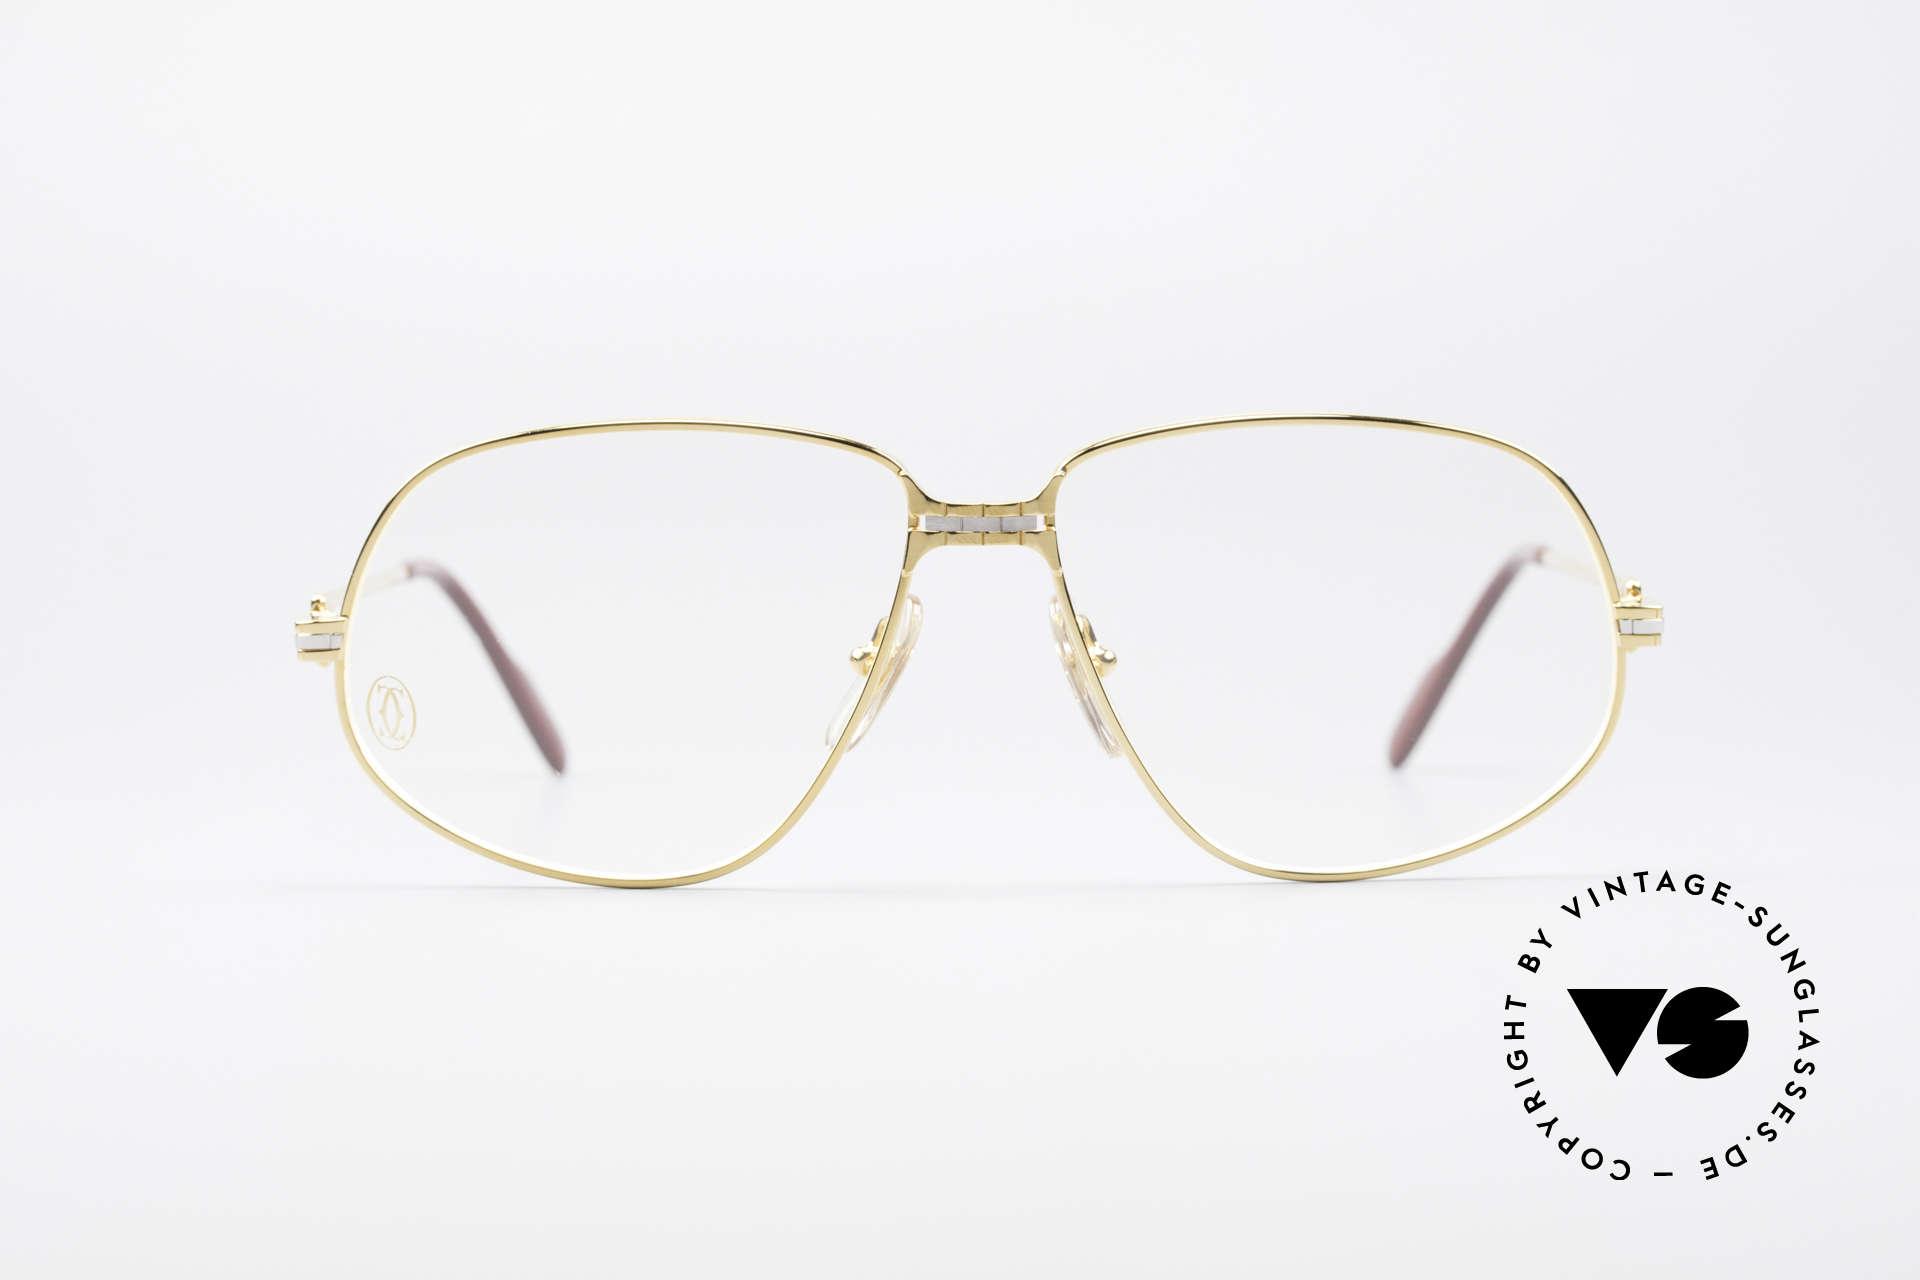 """Cartier Panthere G.M. - L 1980er Luxus Brillenfassung, G.M. = """"Grande Modèle"""" (für Monsieur / den Gentleman), Passend für Herren"""